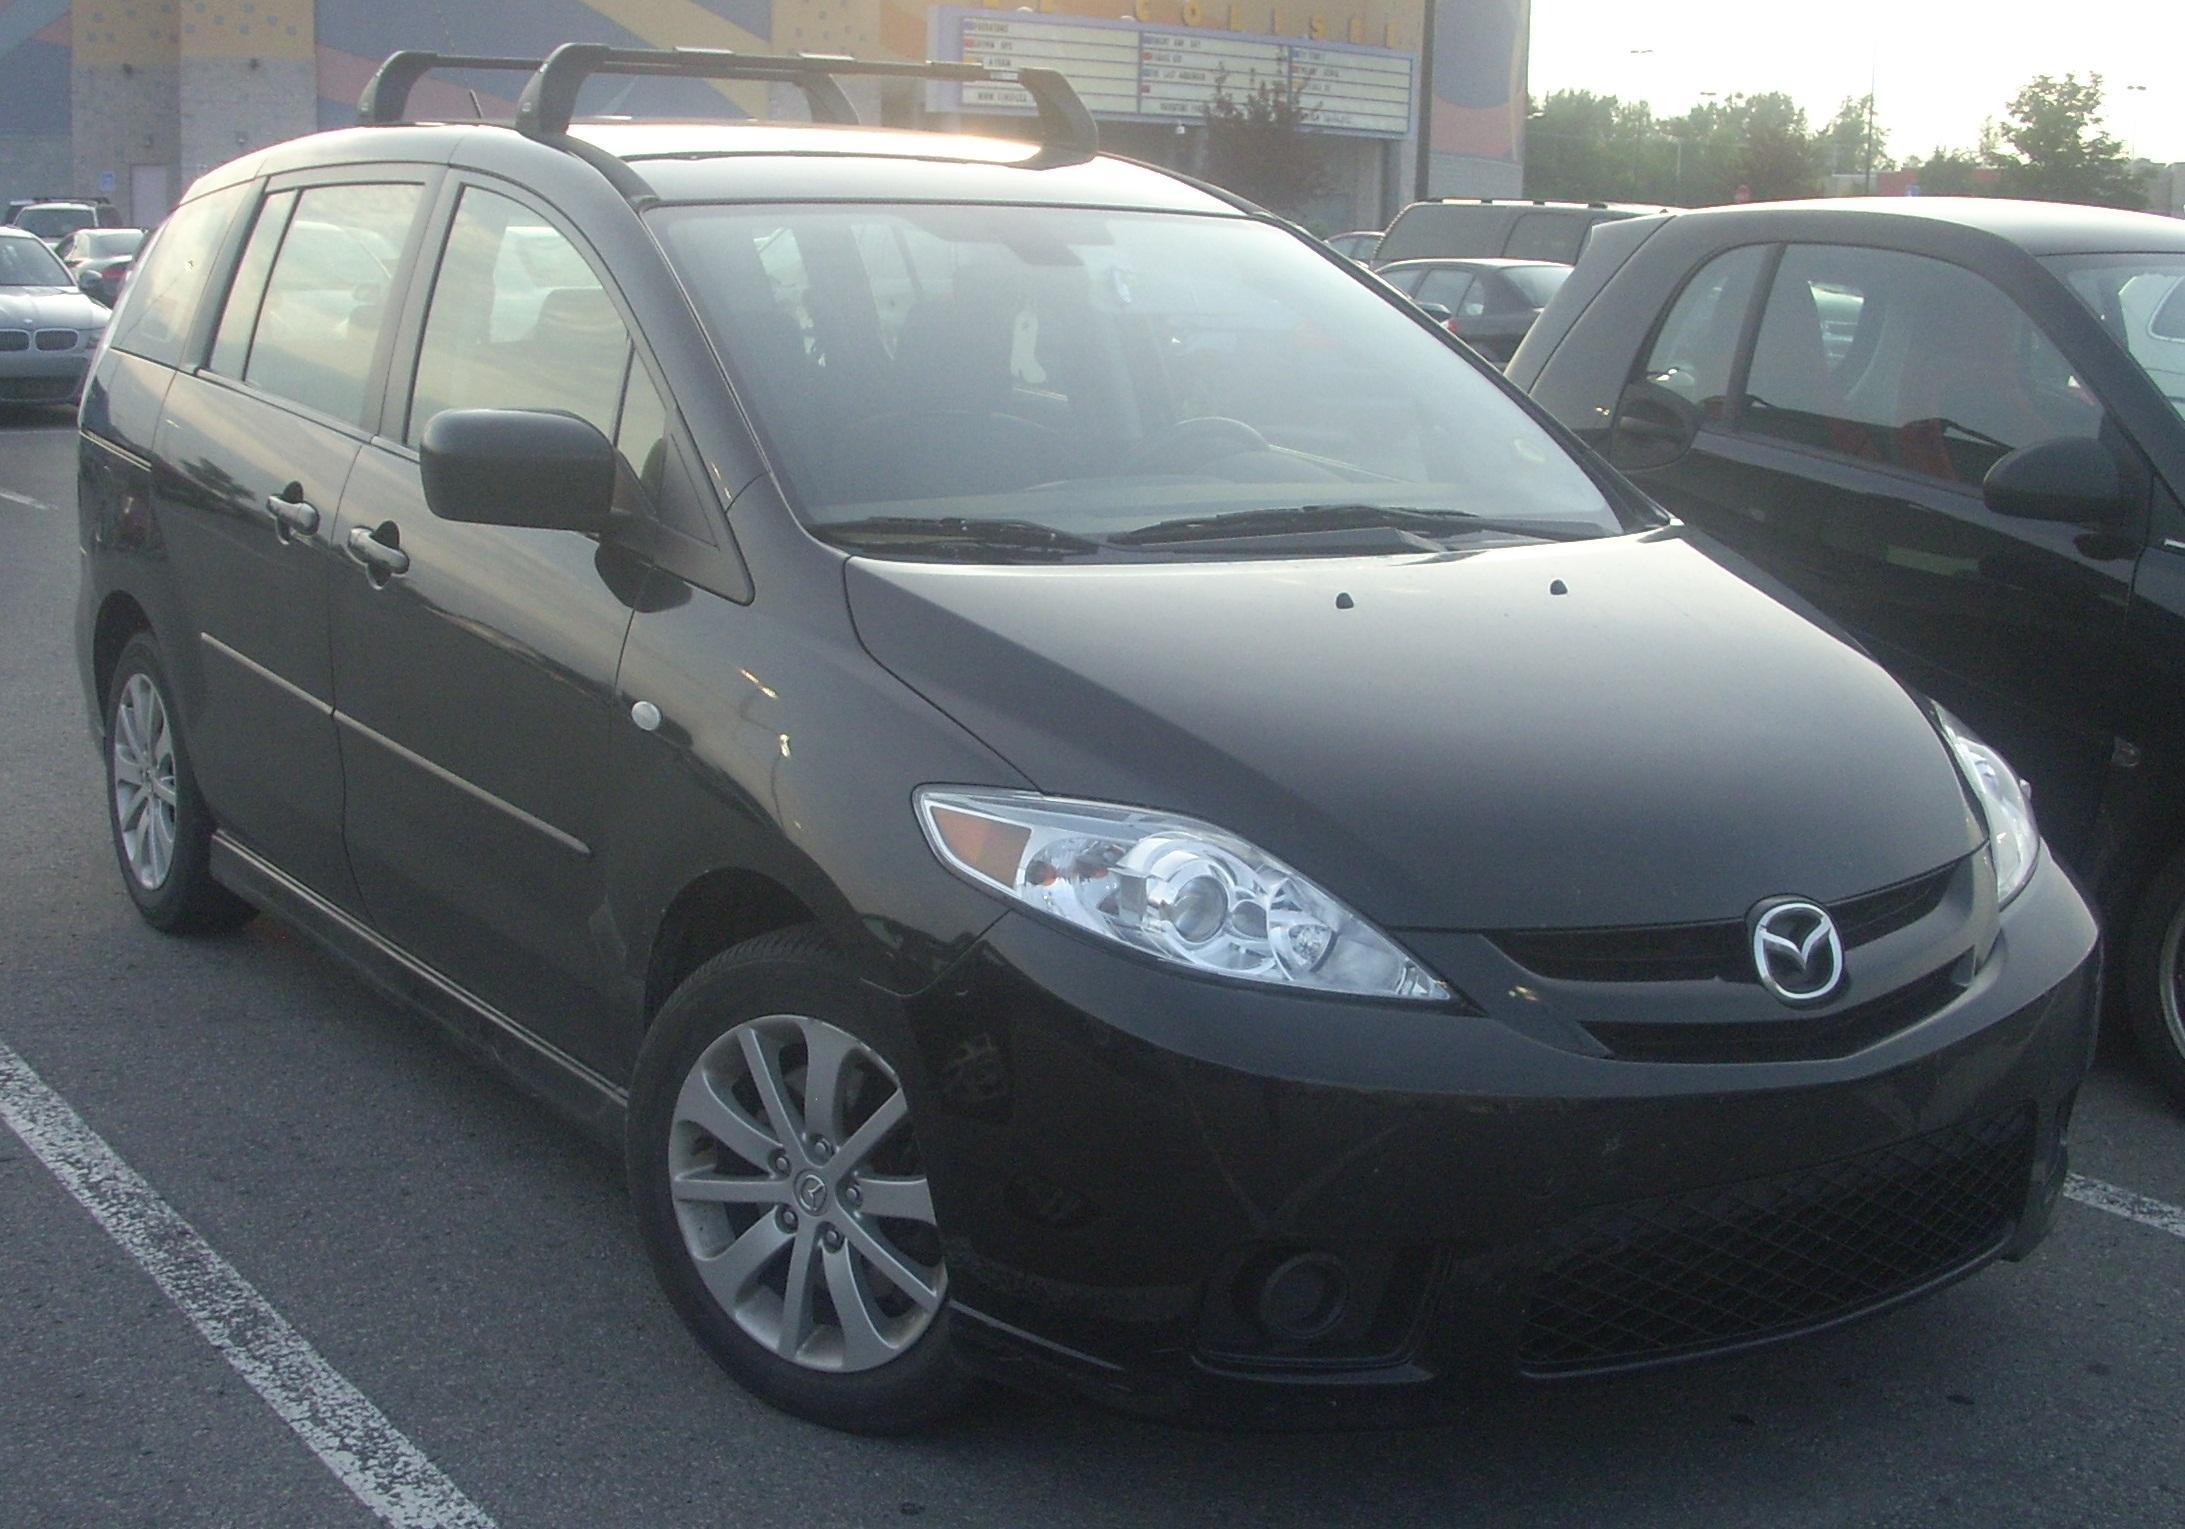 Kelebihan Kekurangan Mazda 5 2007 Top Model Tahun Ini